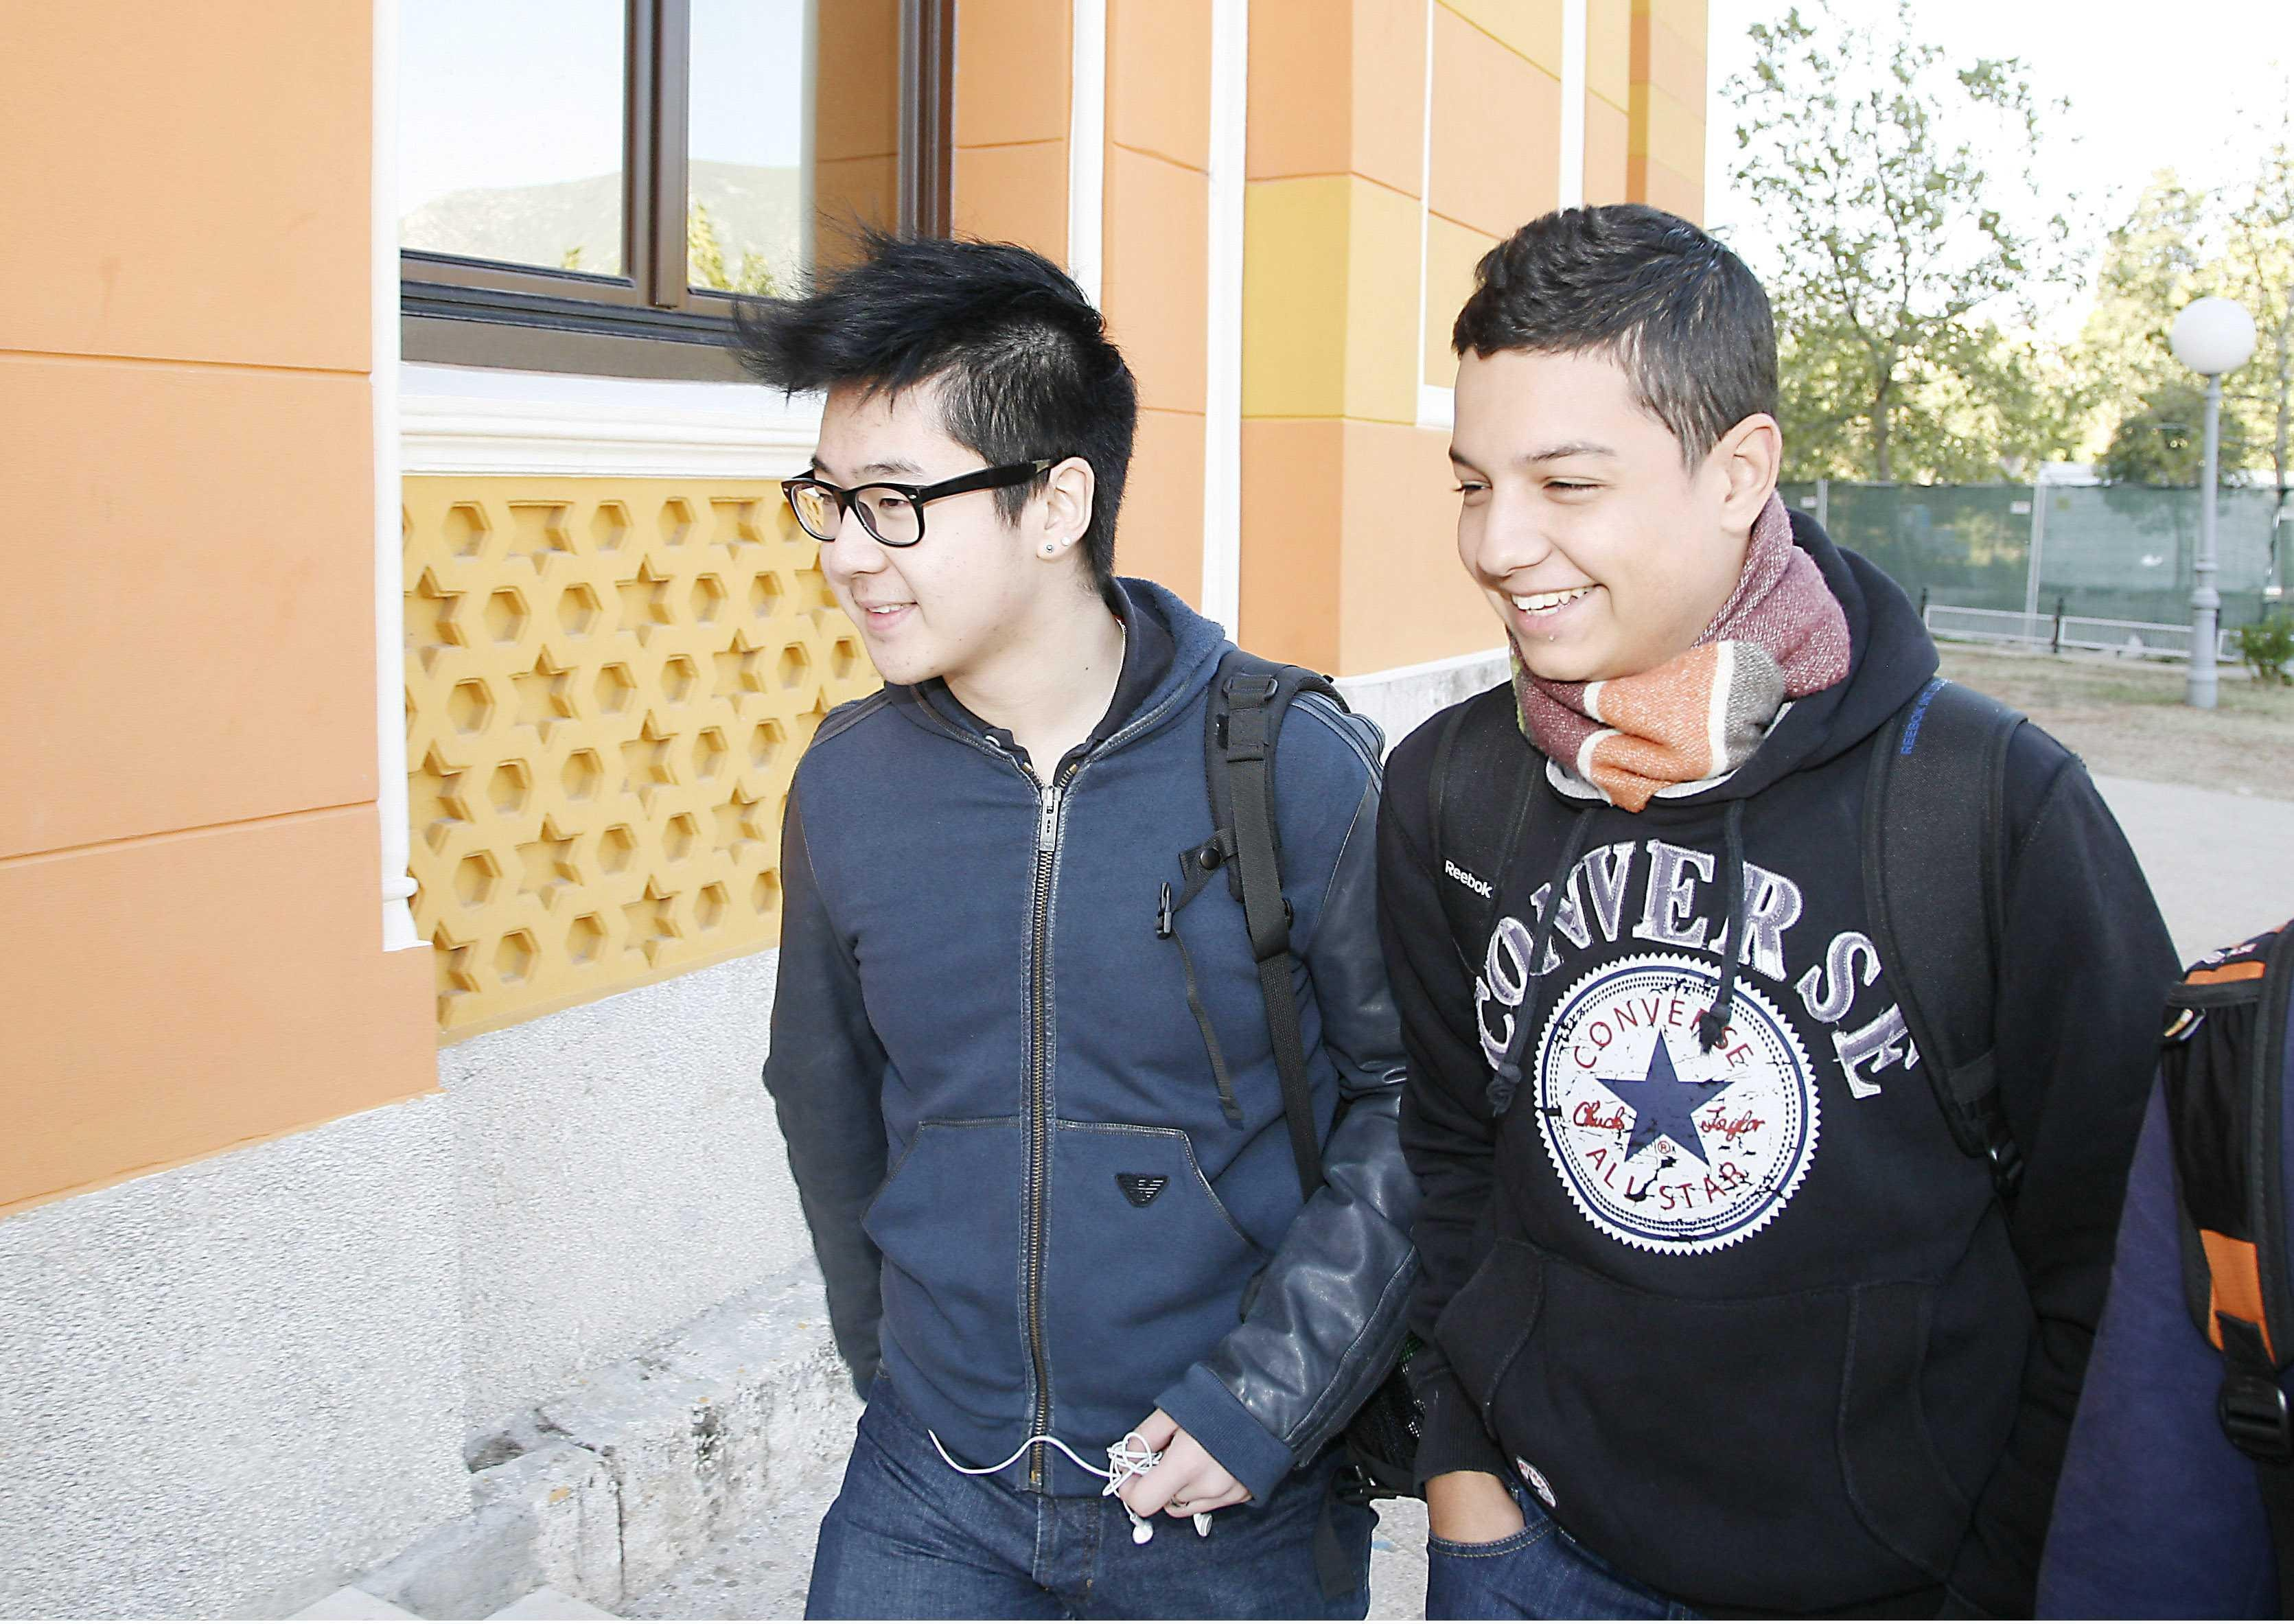 金韓松(左),2011年在波士尼亞和黑塞哥維納求學時照片。(圖/CFP)